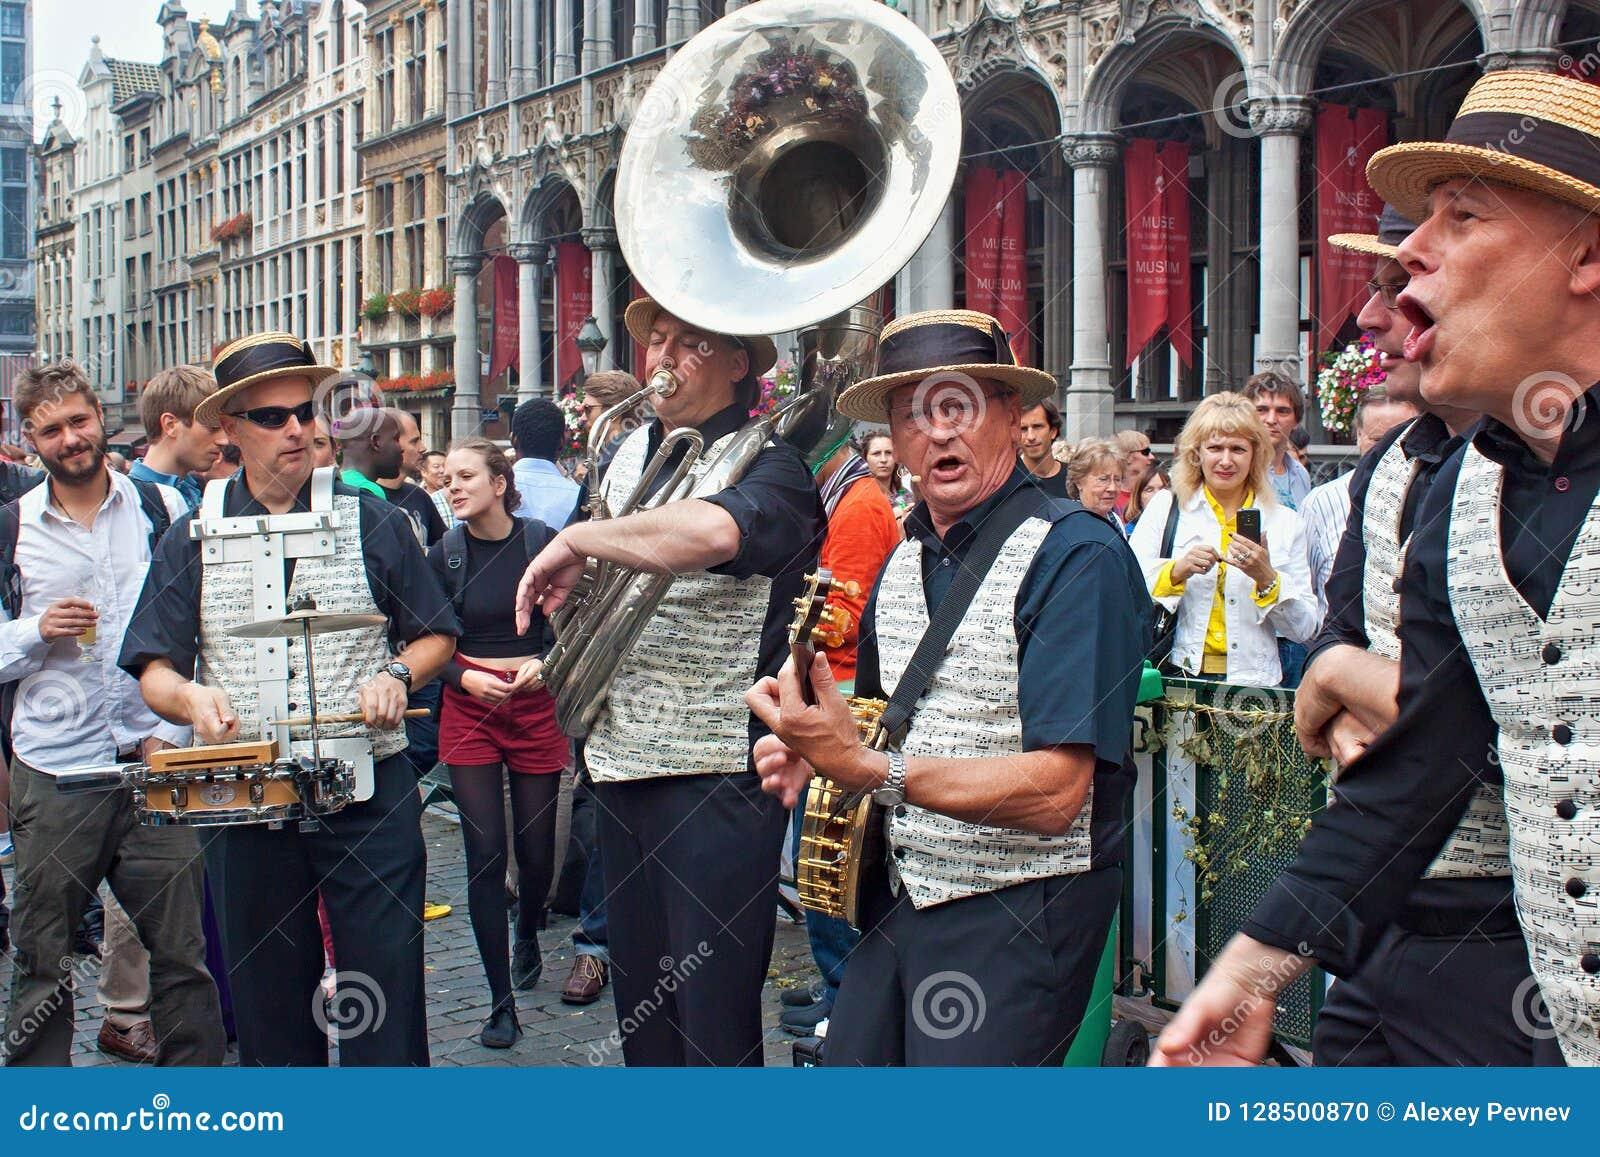 BRUXELLES, BELGIQUE - 7 SEPTEMBRE 2014 : Représentation musicale sur la place grande au centre de Bruxelles